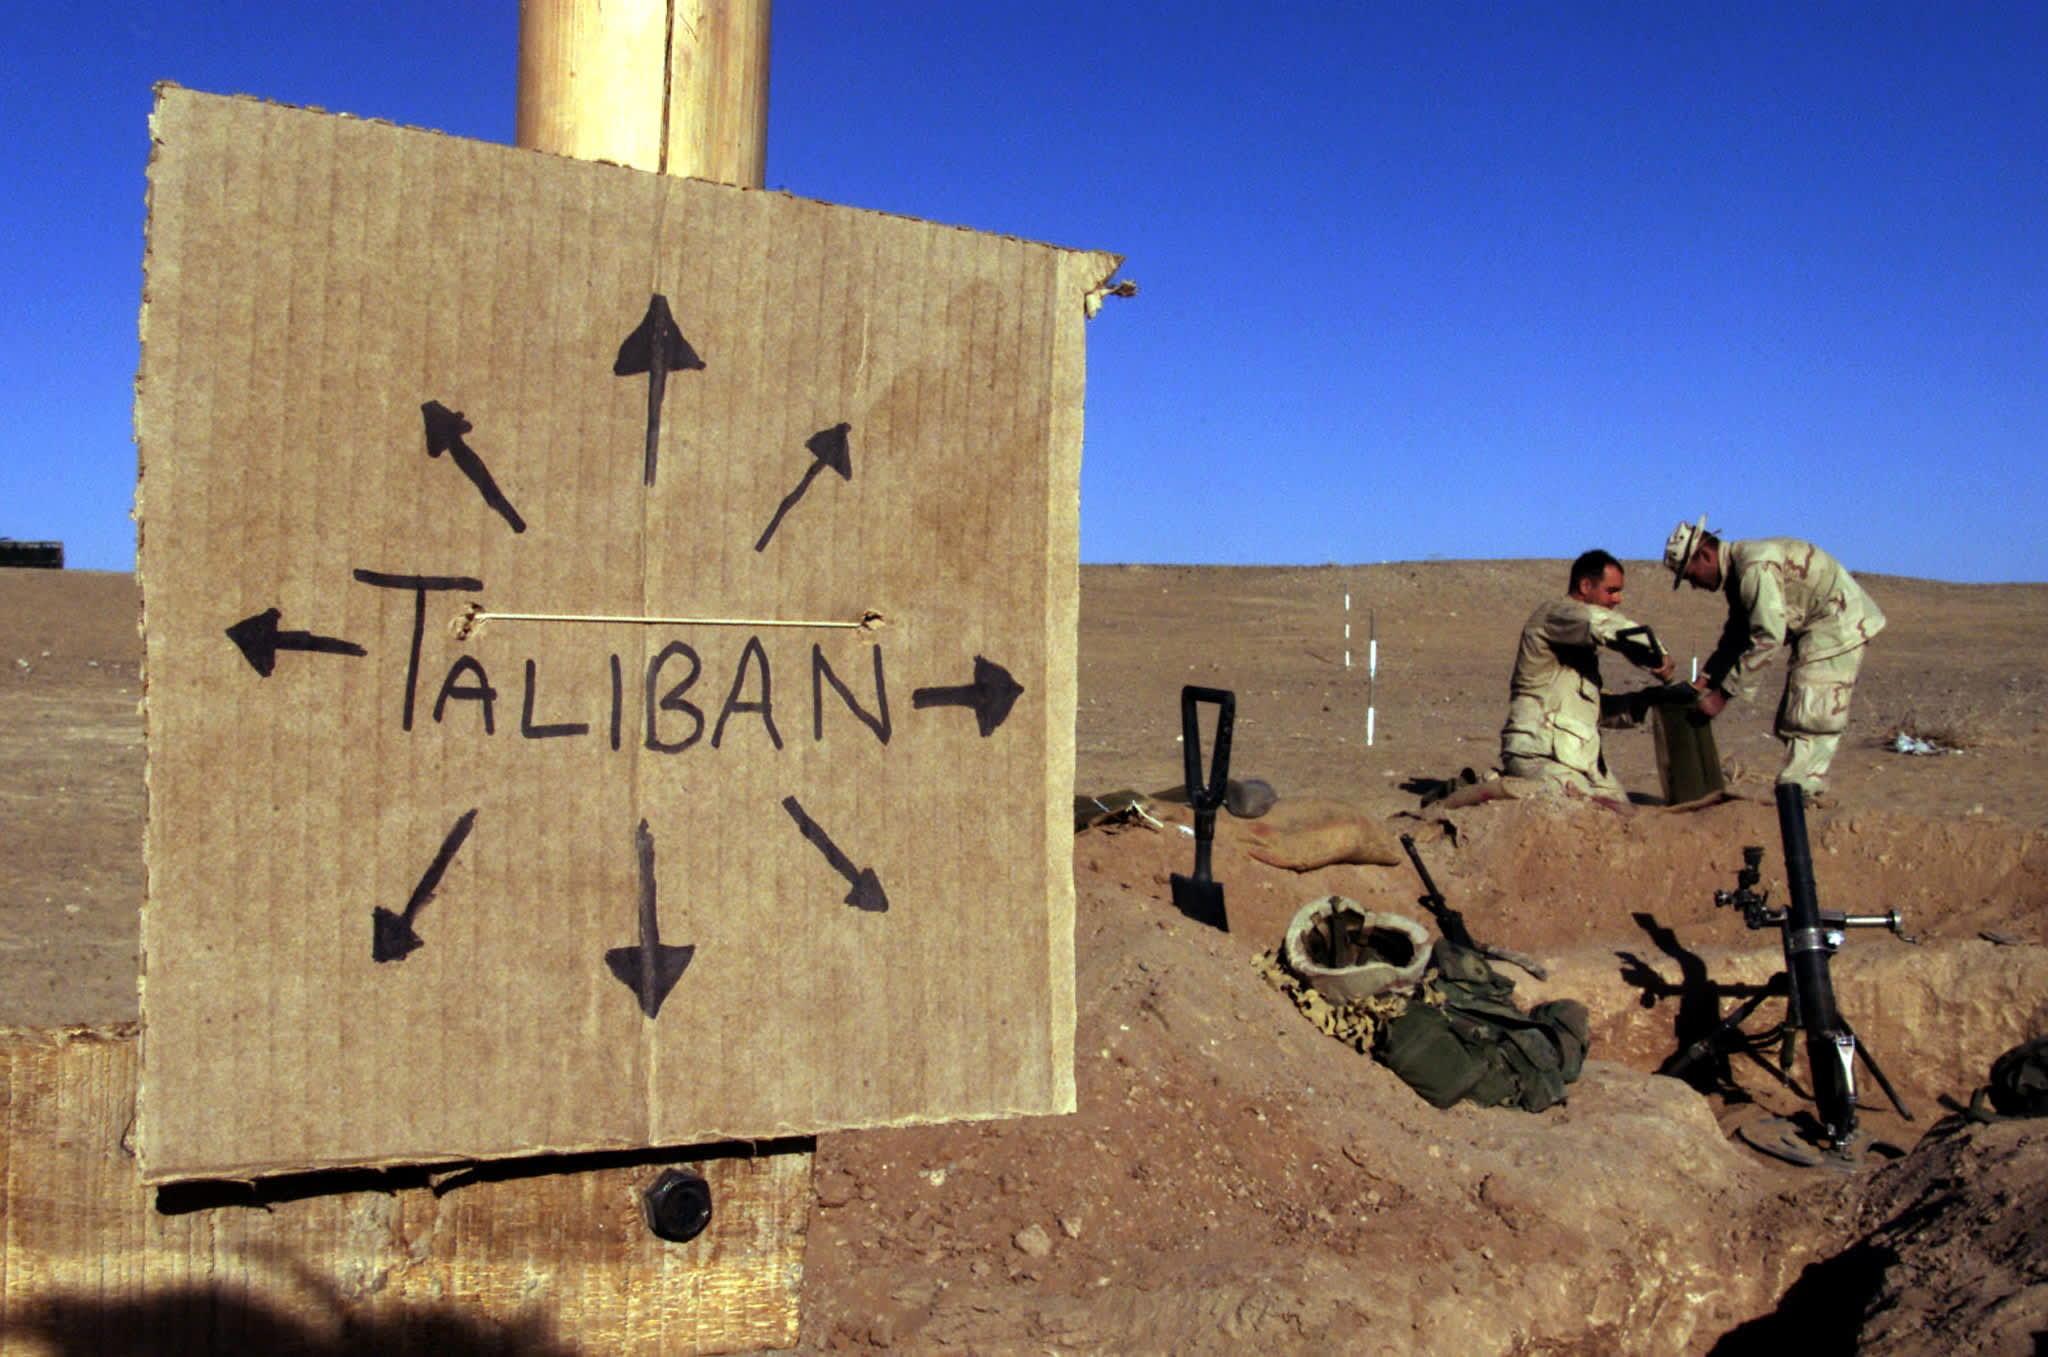 Estados Unidos lanzó ataques aéreos nocturnos contra los talibanes para apoyar a las fuerzas afganas